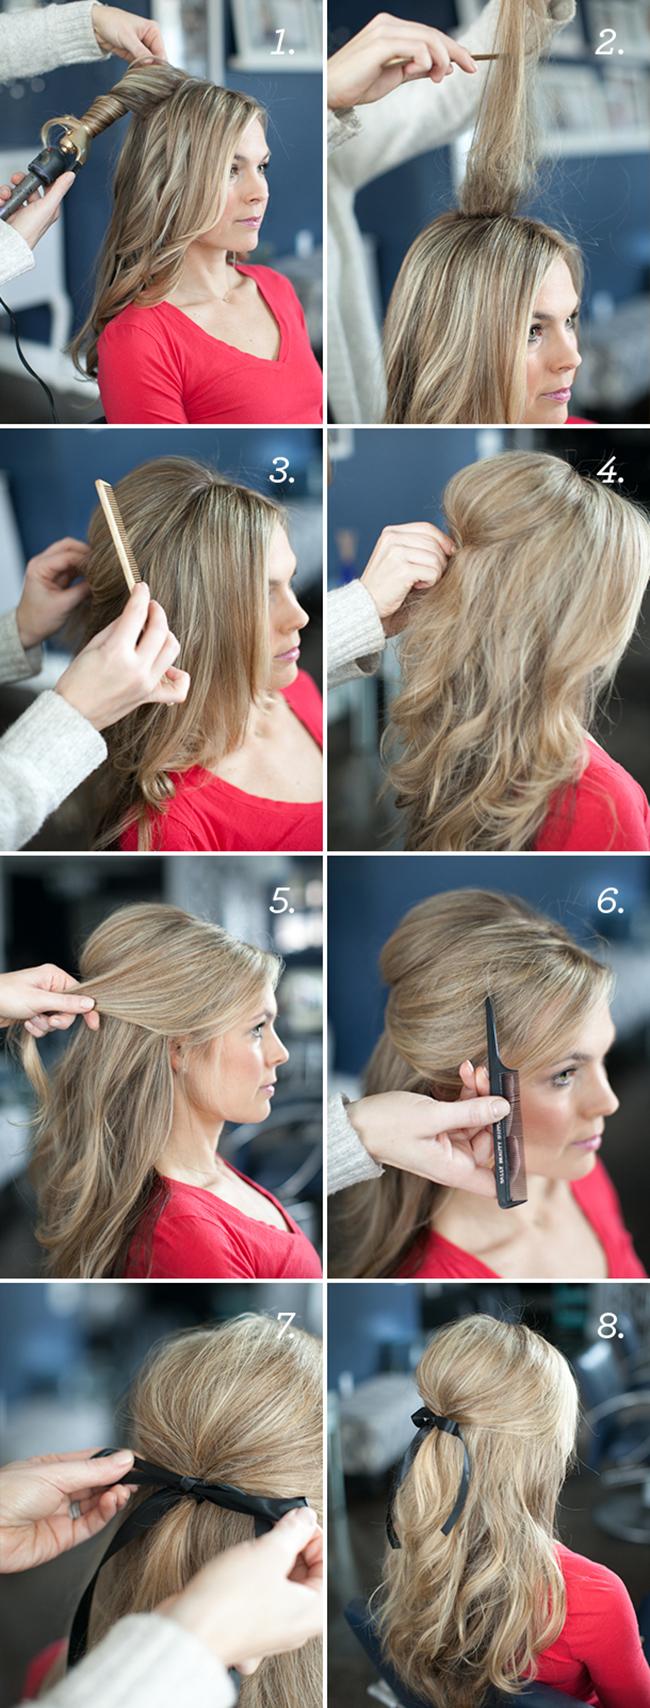 Прическа своими руками на длинные волосы за 5 минут фото